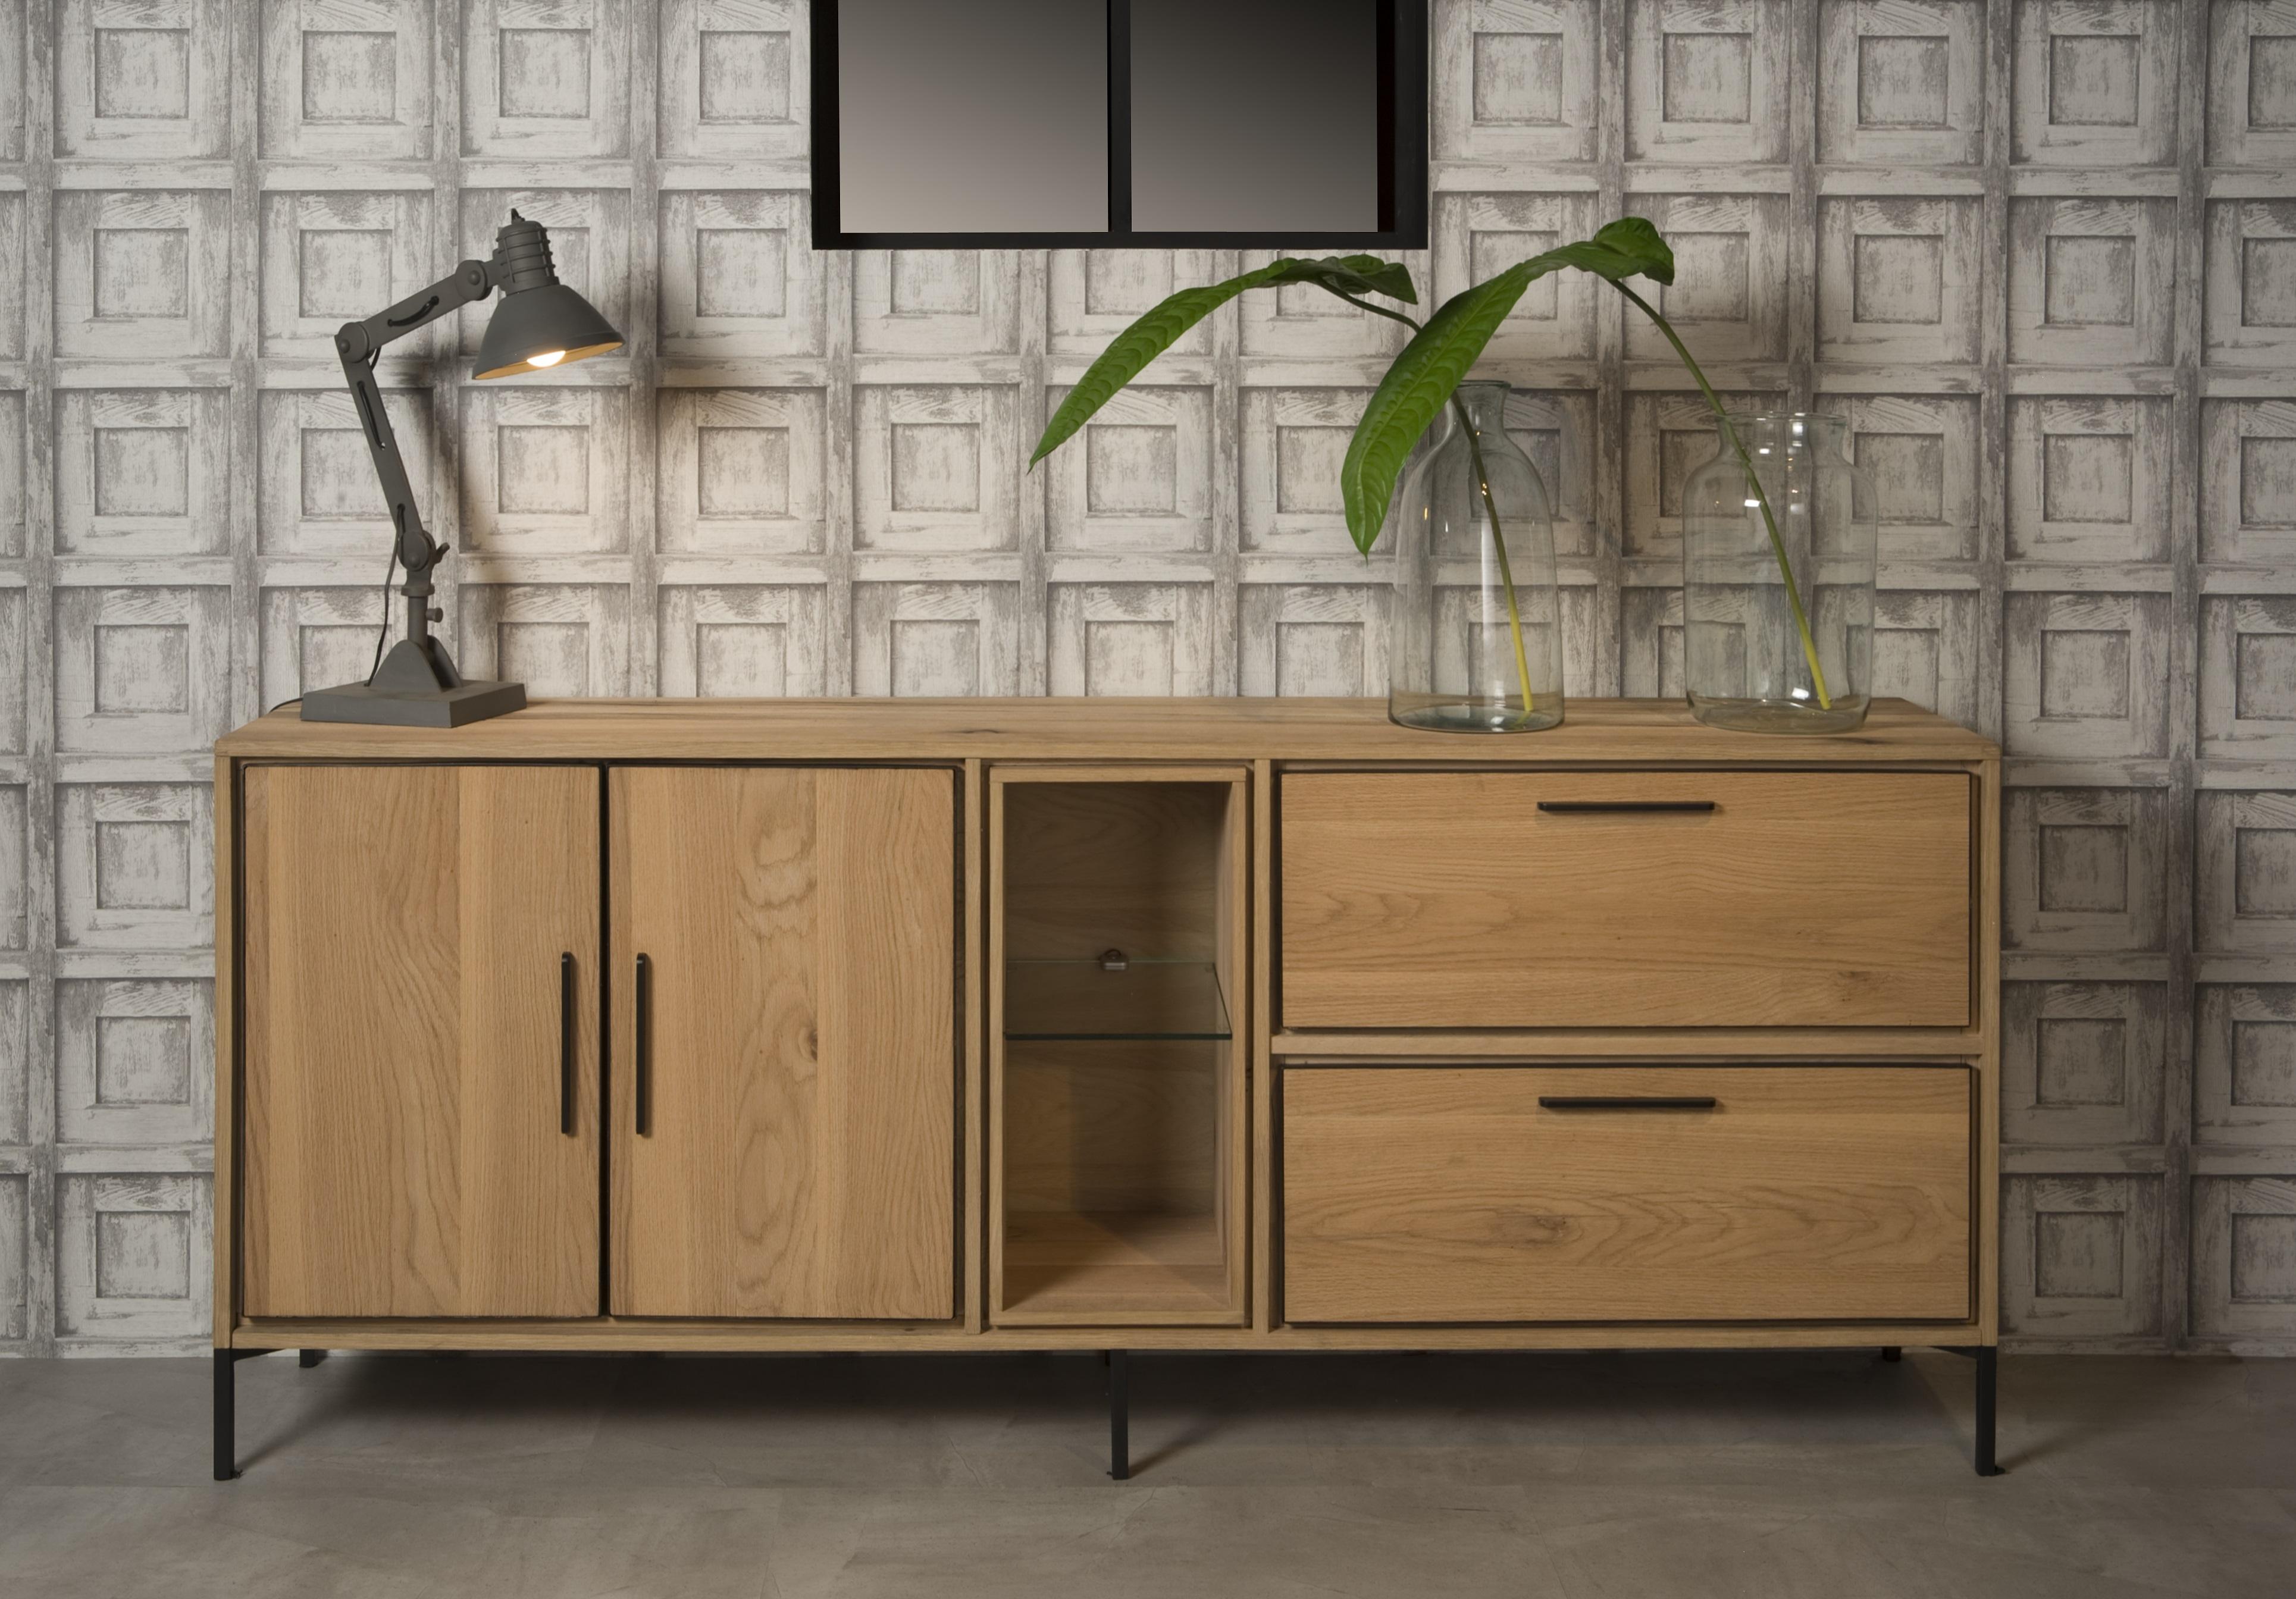 Hedendaags Dressoir LONDON - Oak natural oil hout | DEBA Meubelen FI-92